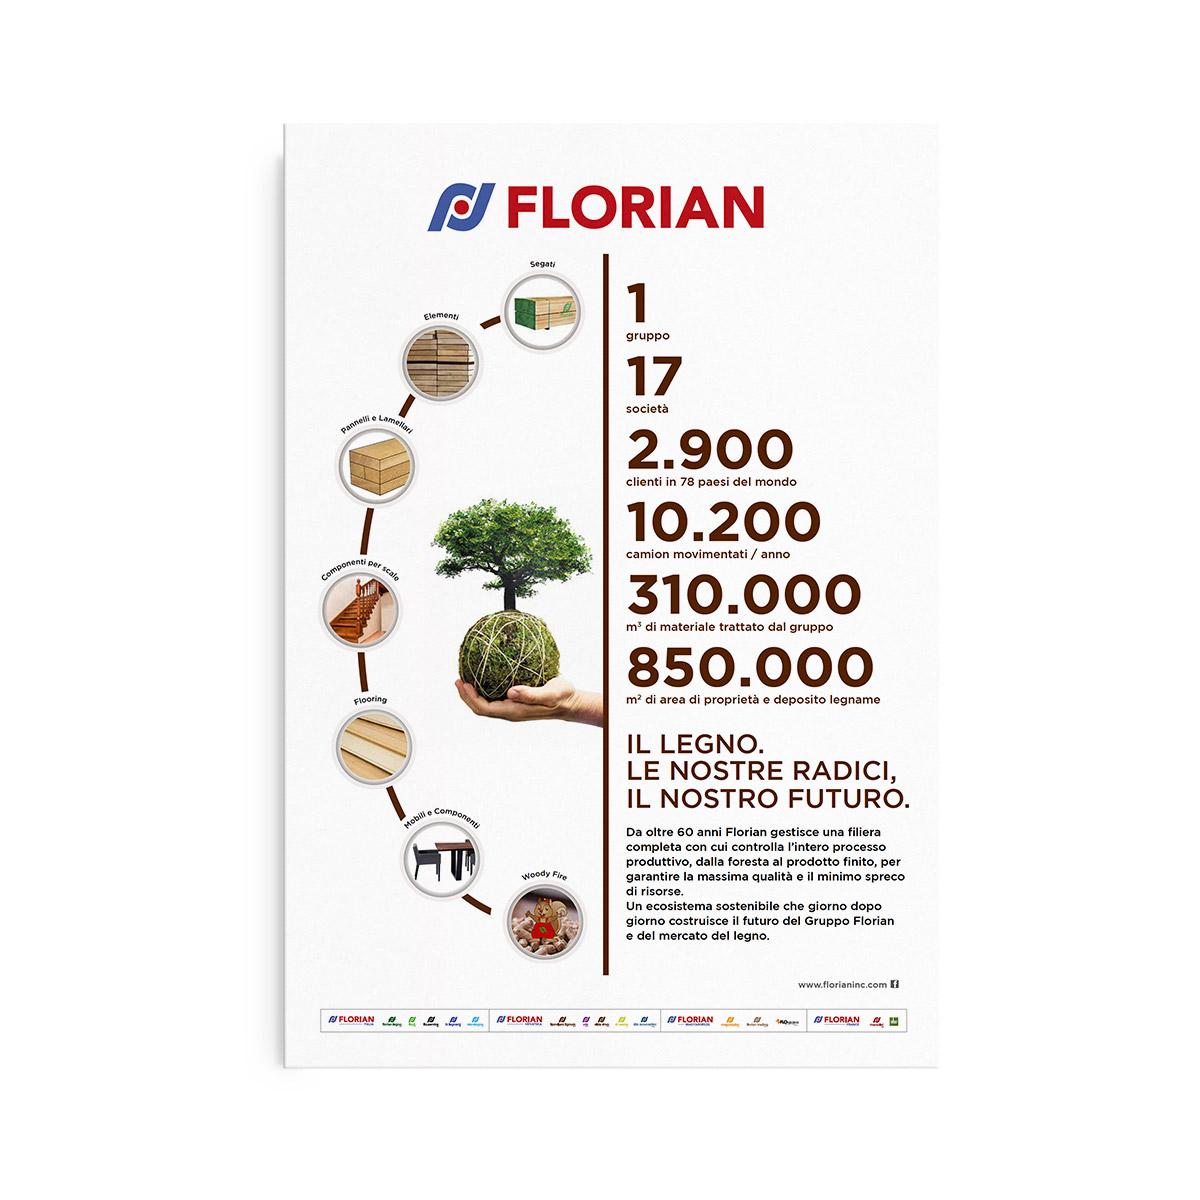 florian-pagina-pubb-2